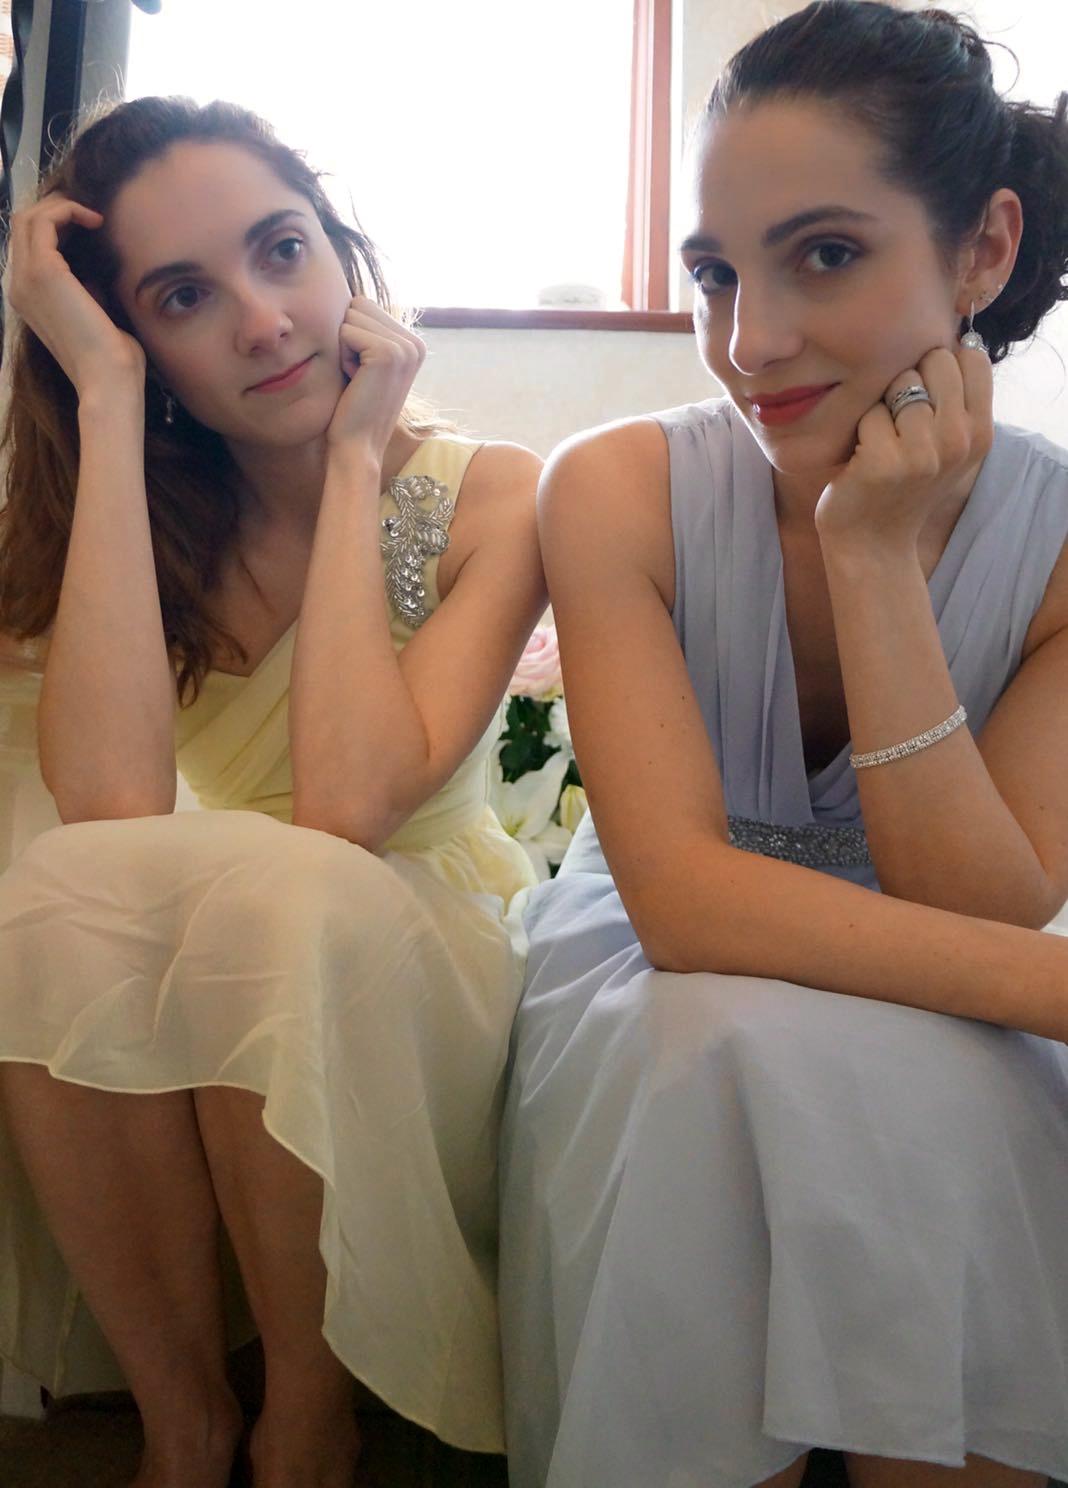 asos dresses sisters